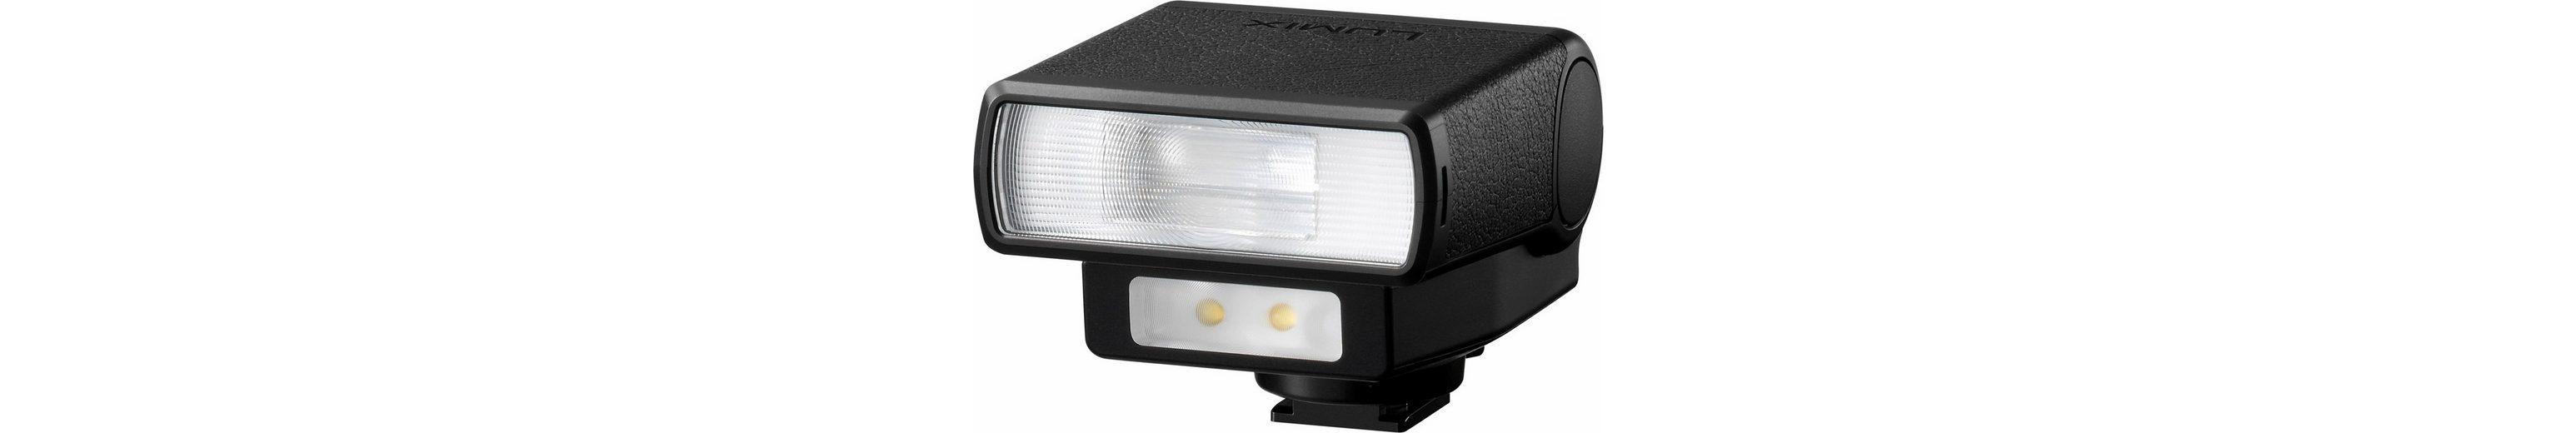 Panasonic DMW-FL200LE Blitzgerät